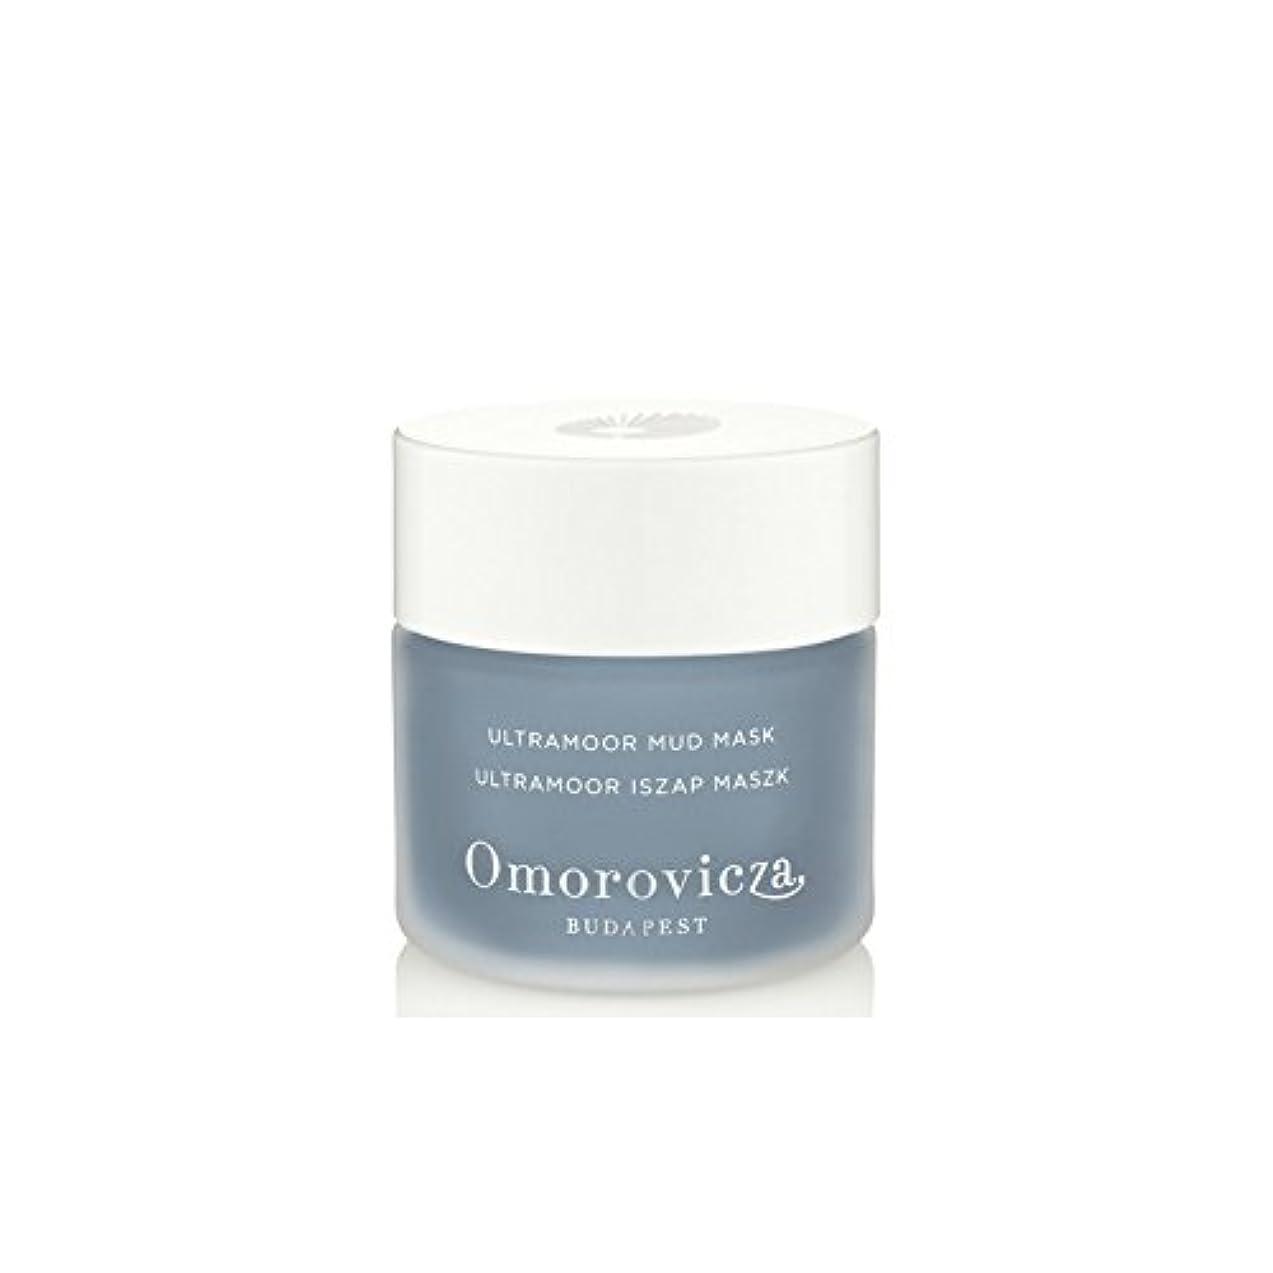 がっかりしたバンドル居心地の良い泥マスク(50ミリリットル) x4 - Omorovicza Ultramoor Mud Mask (50ml) (Pack of 4) [並行輸入品]